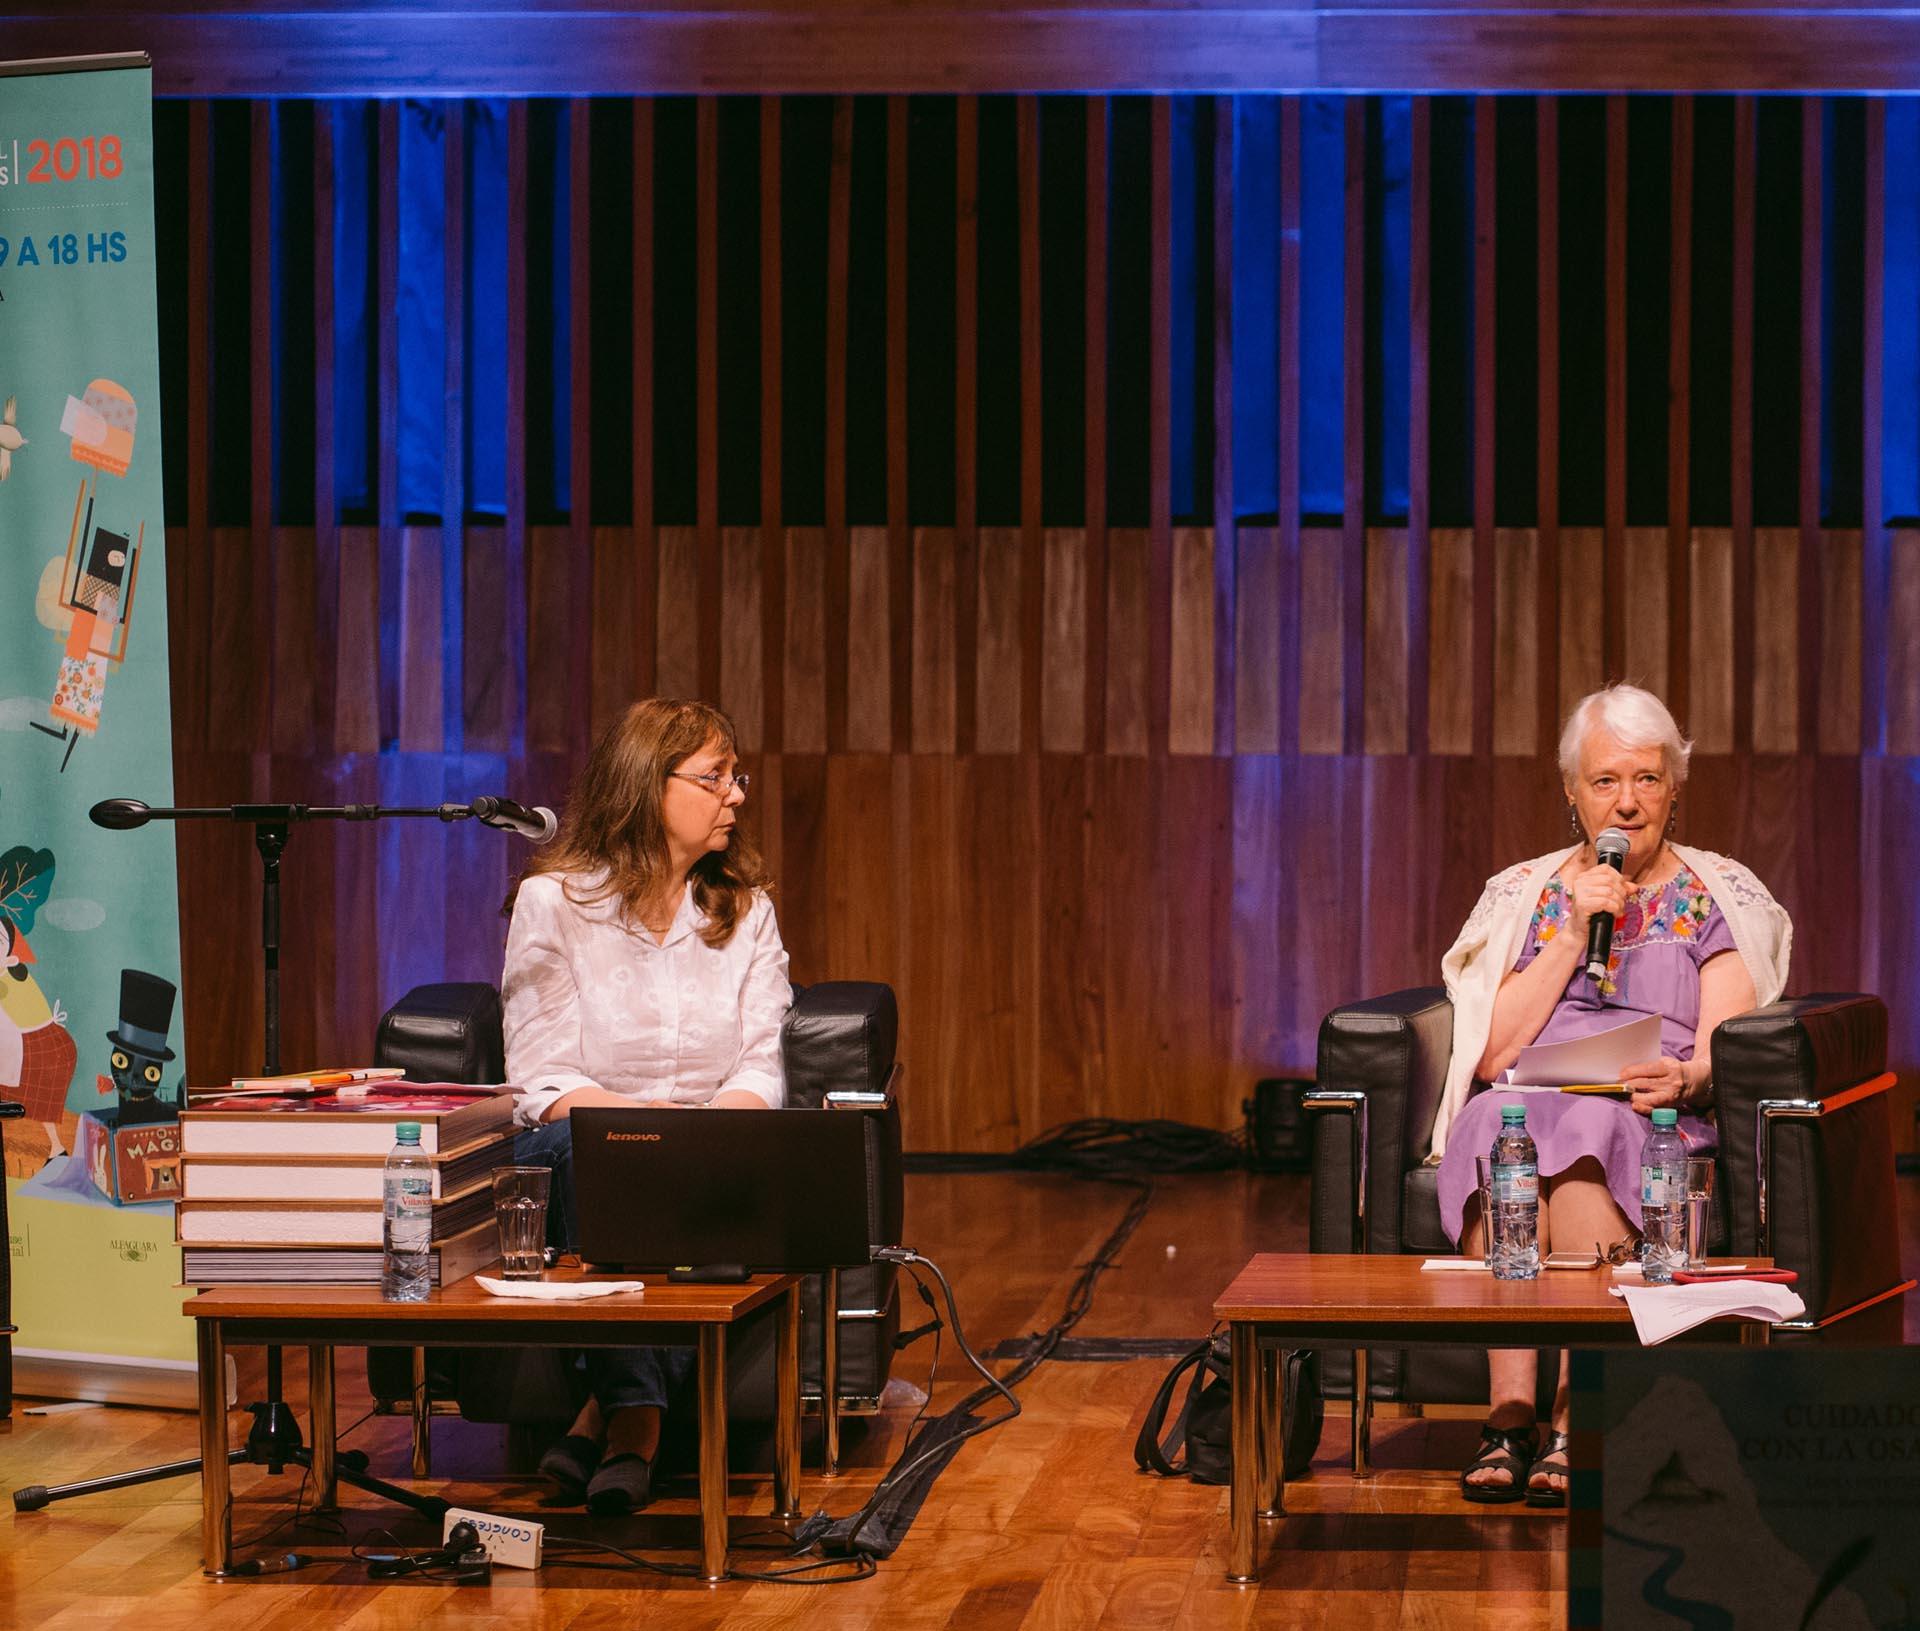 Laura Roldán y Laura Devetach (Foto: Gentileza PRHGE)